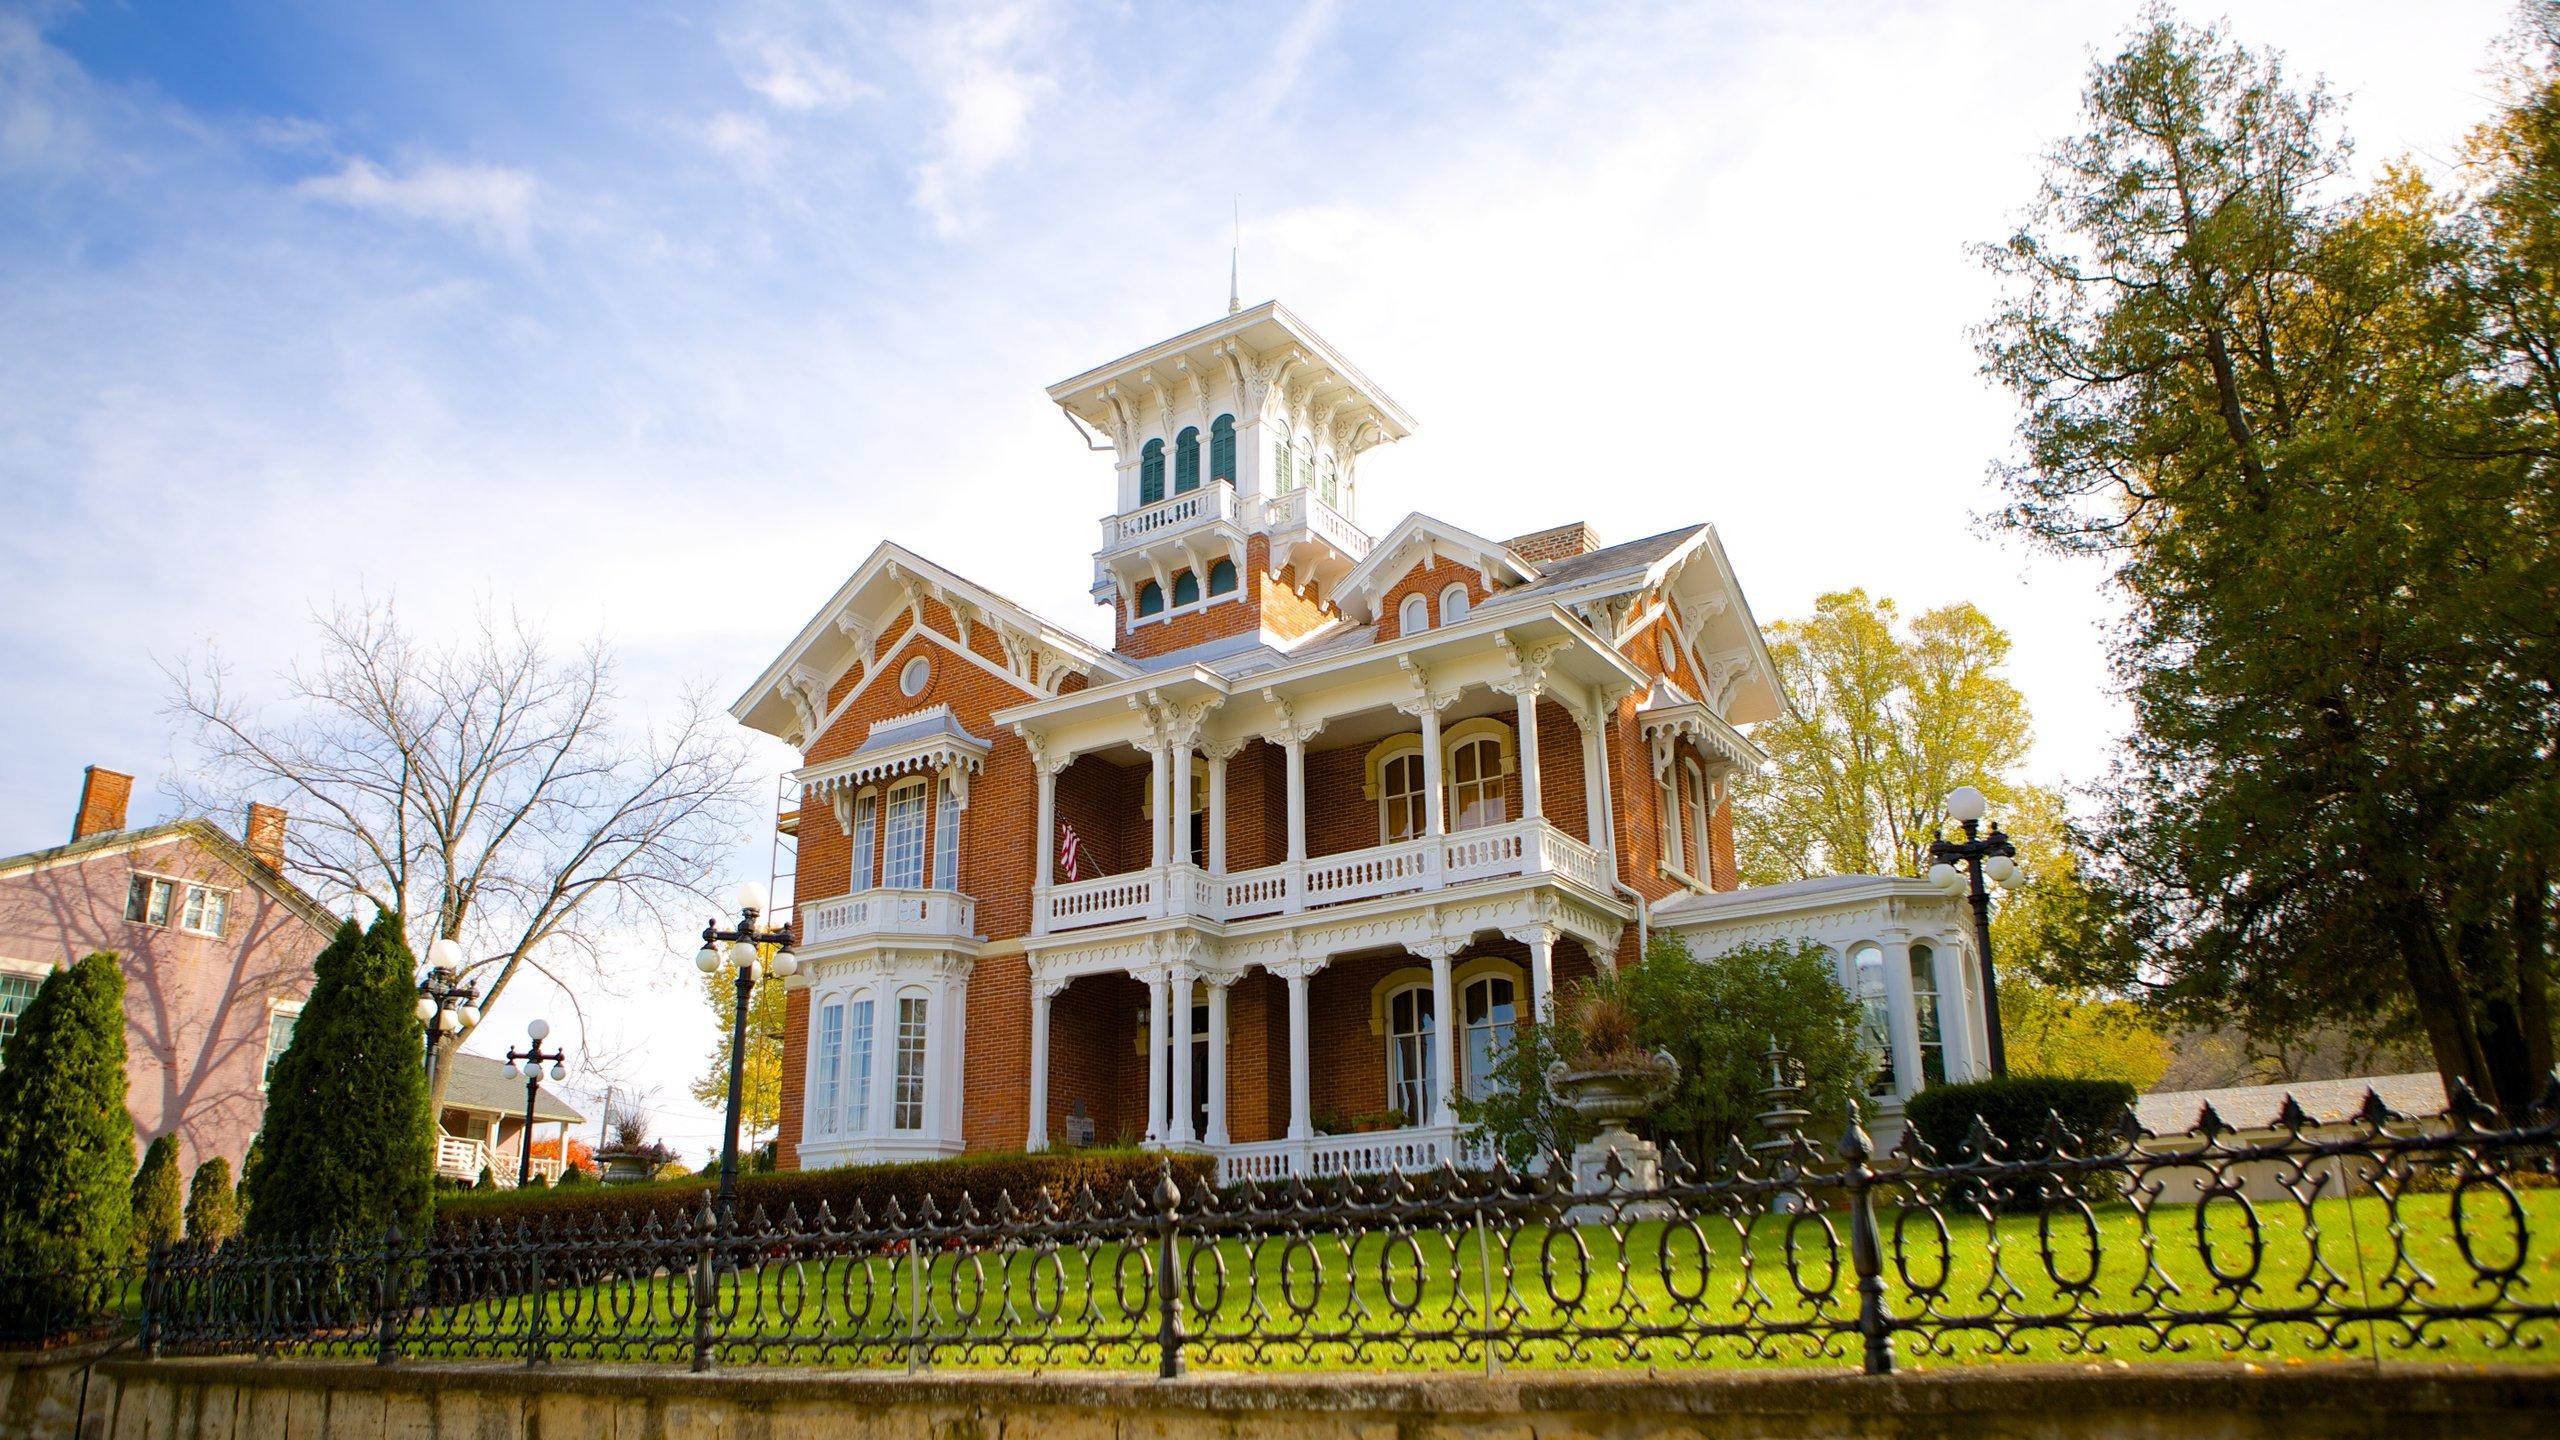 Posiadłość Belvedere, Galena, Illinois, Stany Zjednoczone